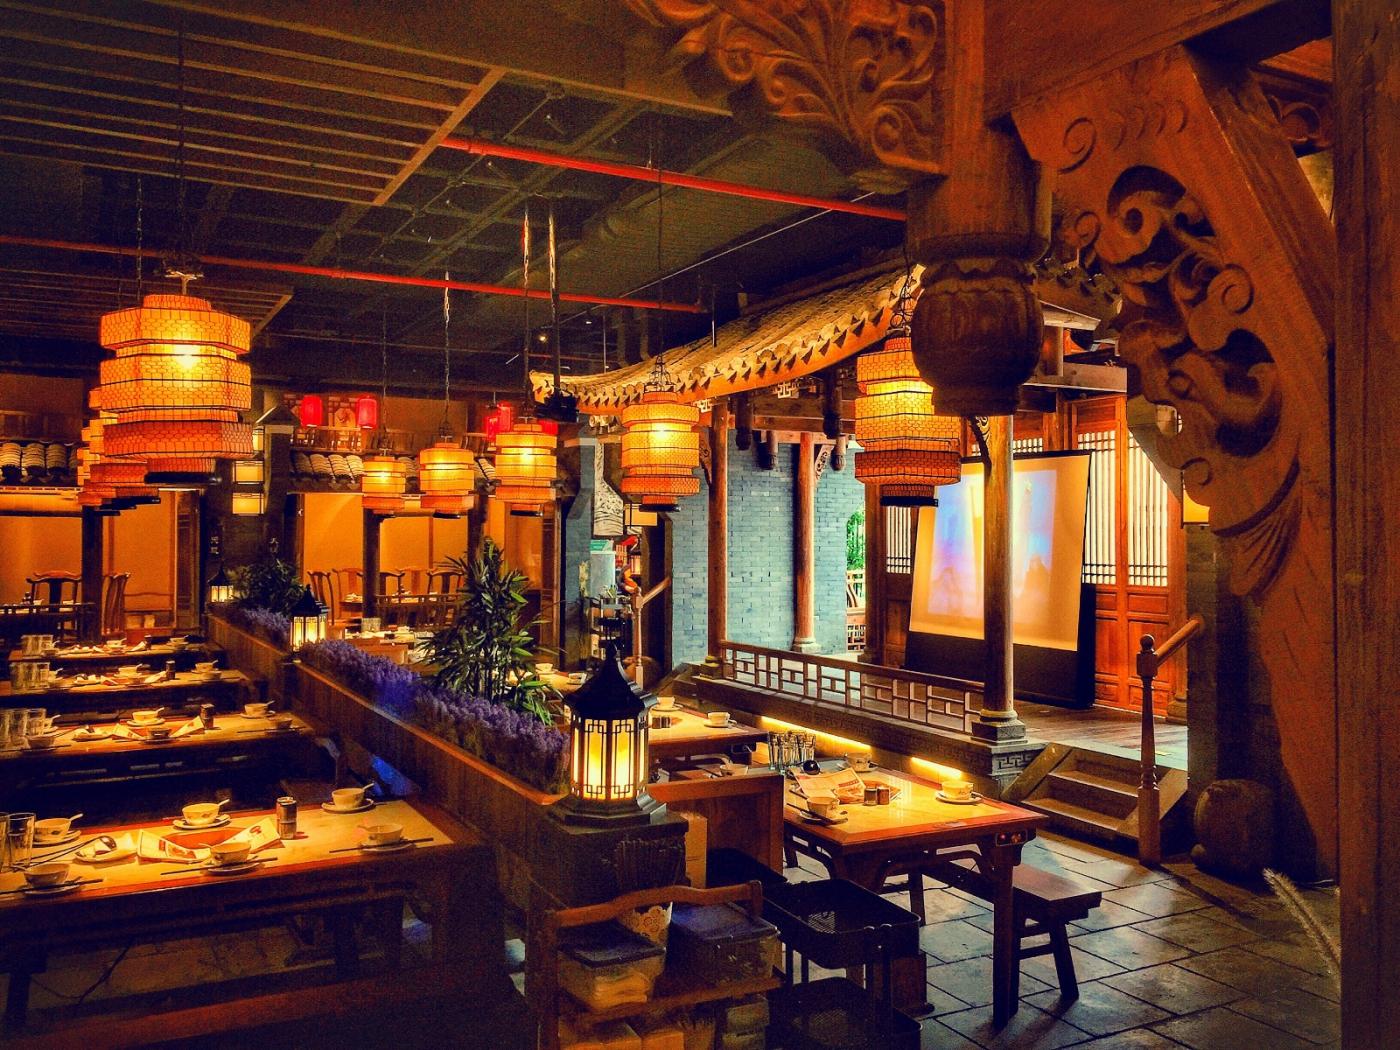 【盲流摄影】纽约法拉盛的中餐馆品味在提升-手机摄影_图1-18